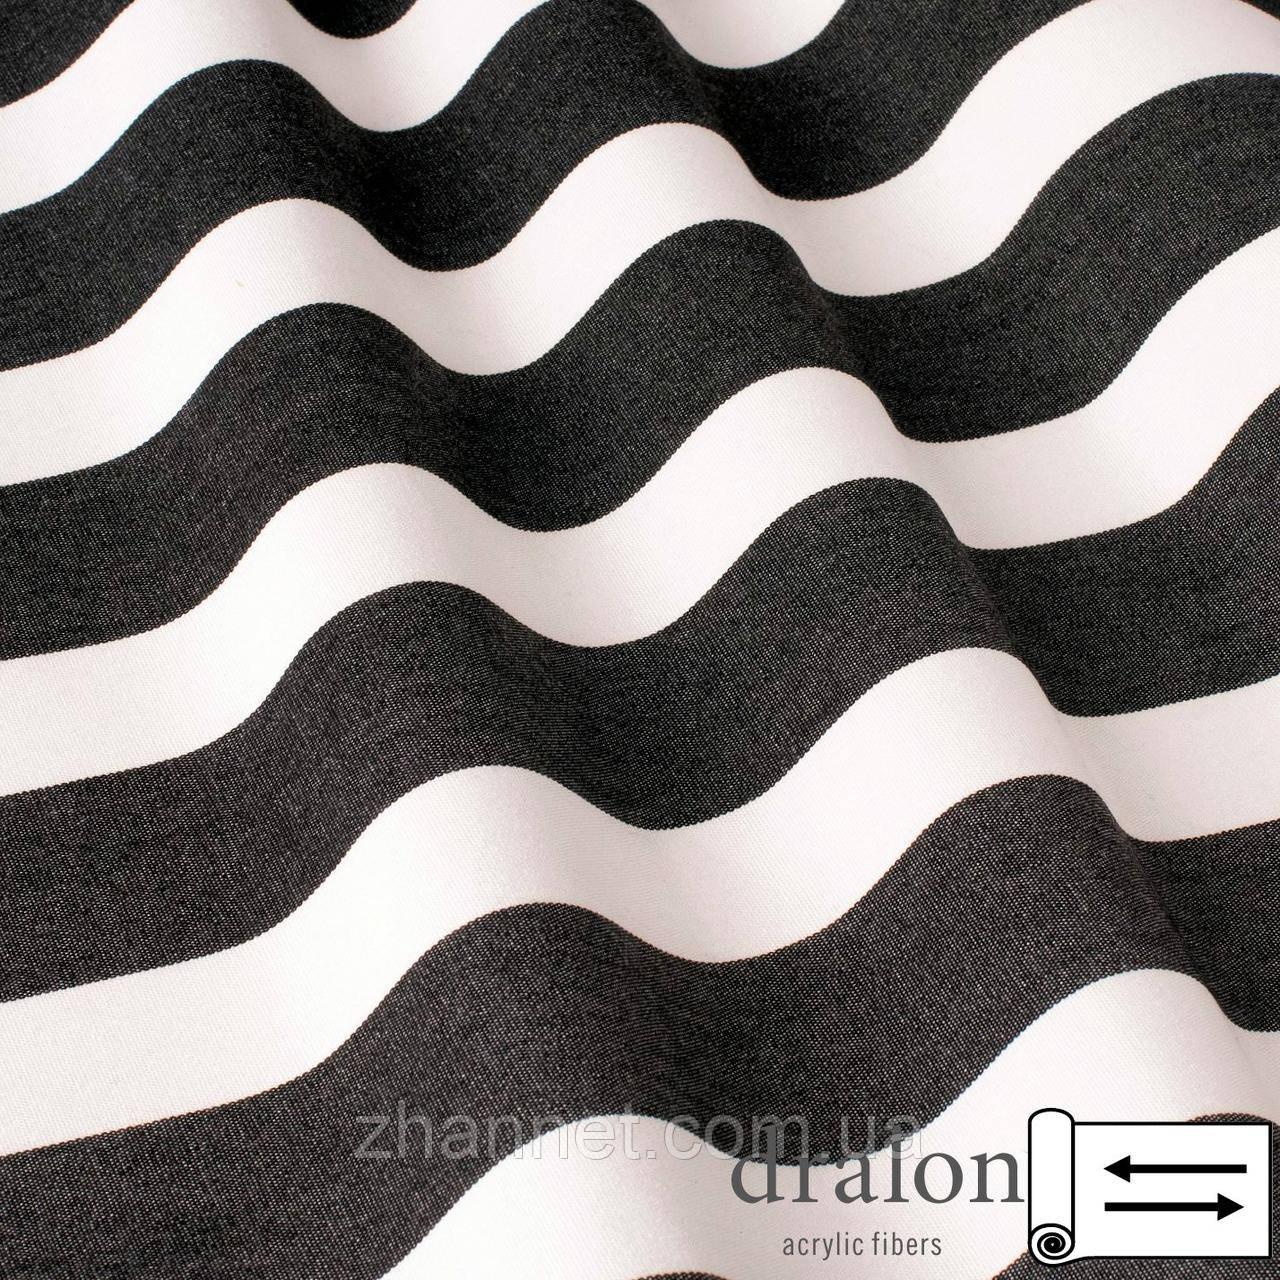 Ткань Дралон полоса бело-чёрная 160 см (5683004)